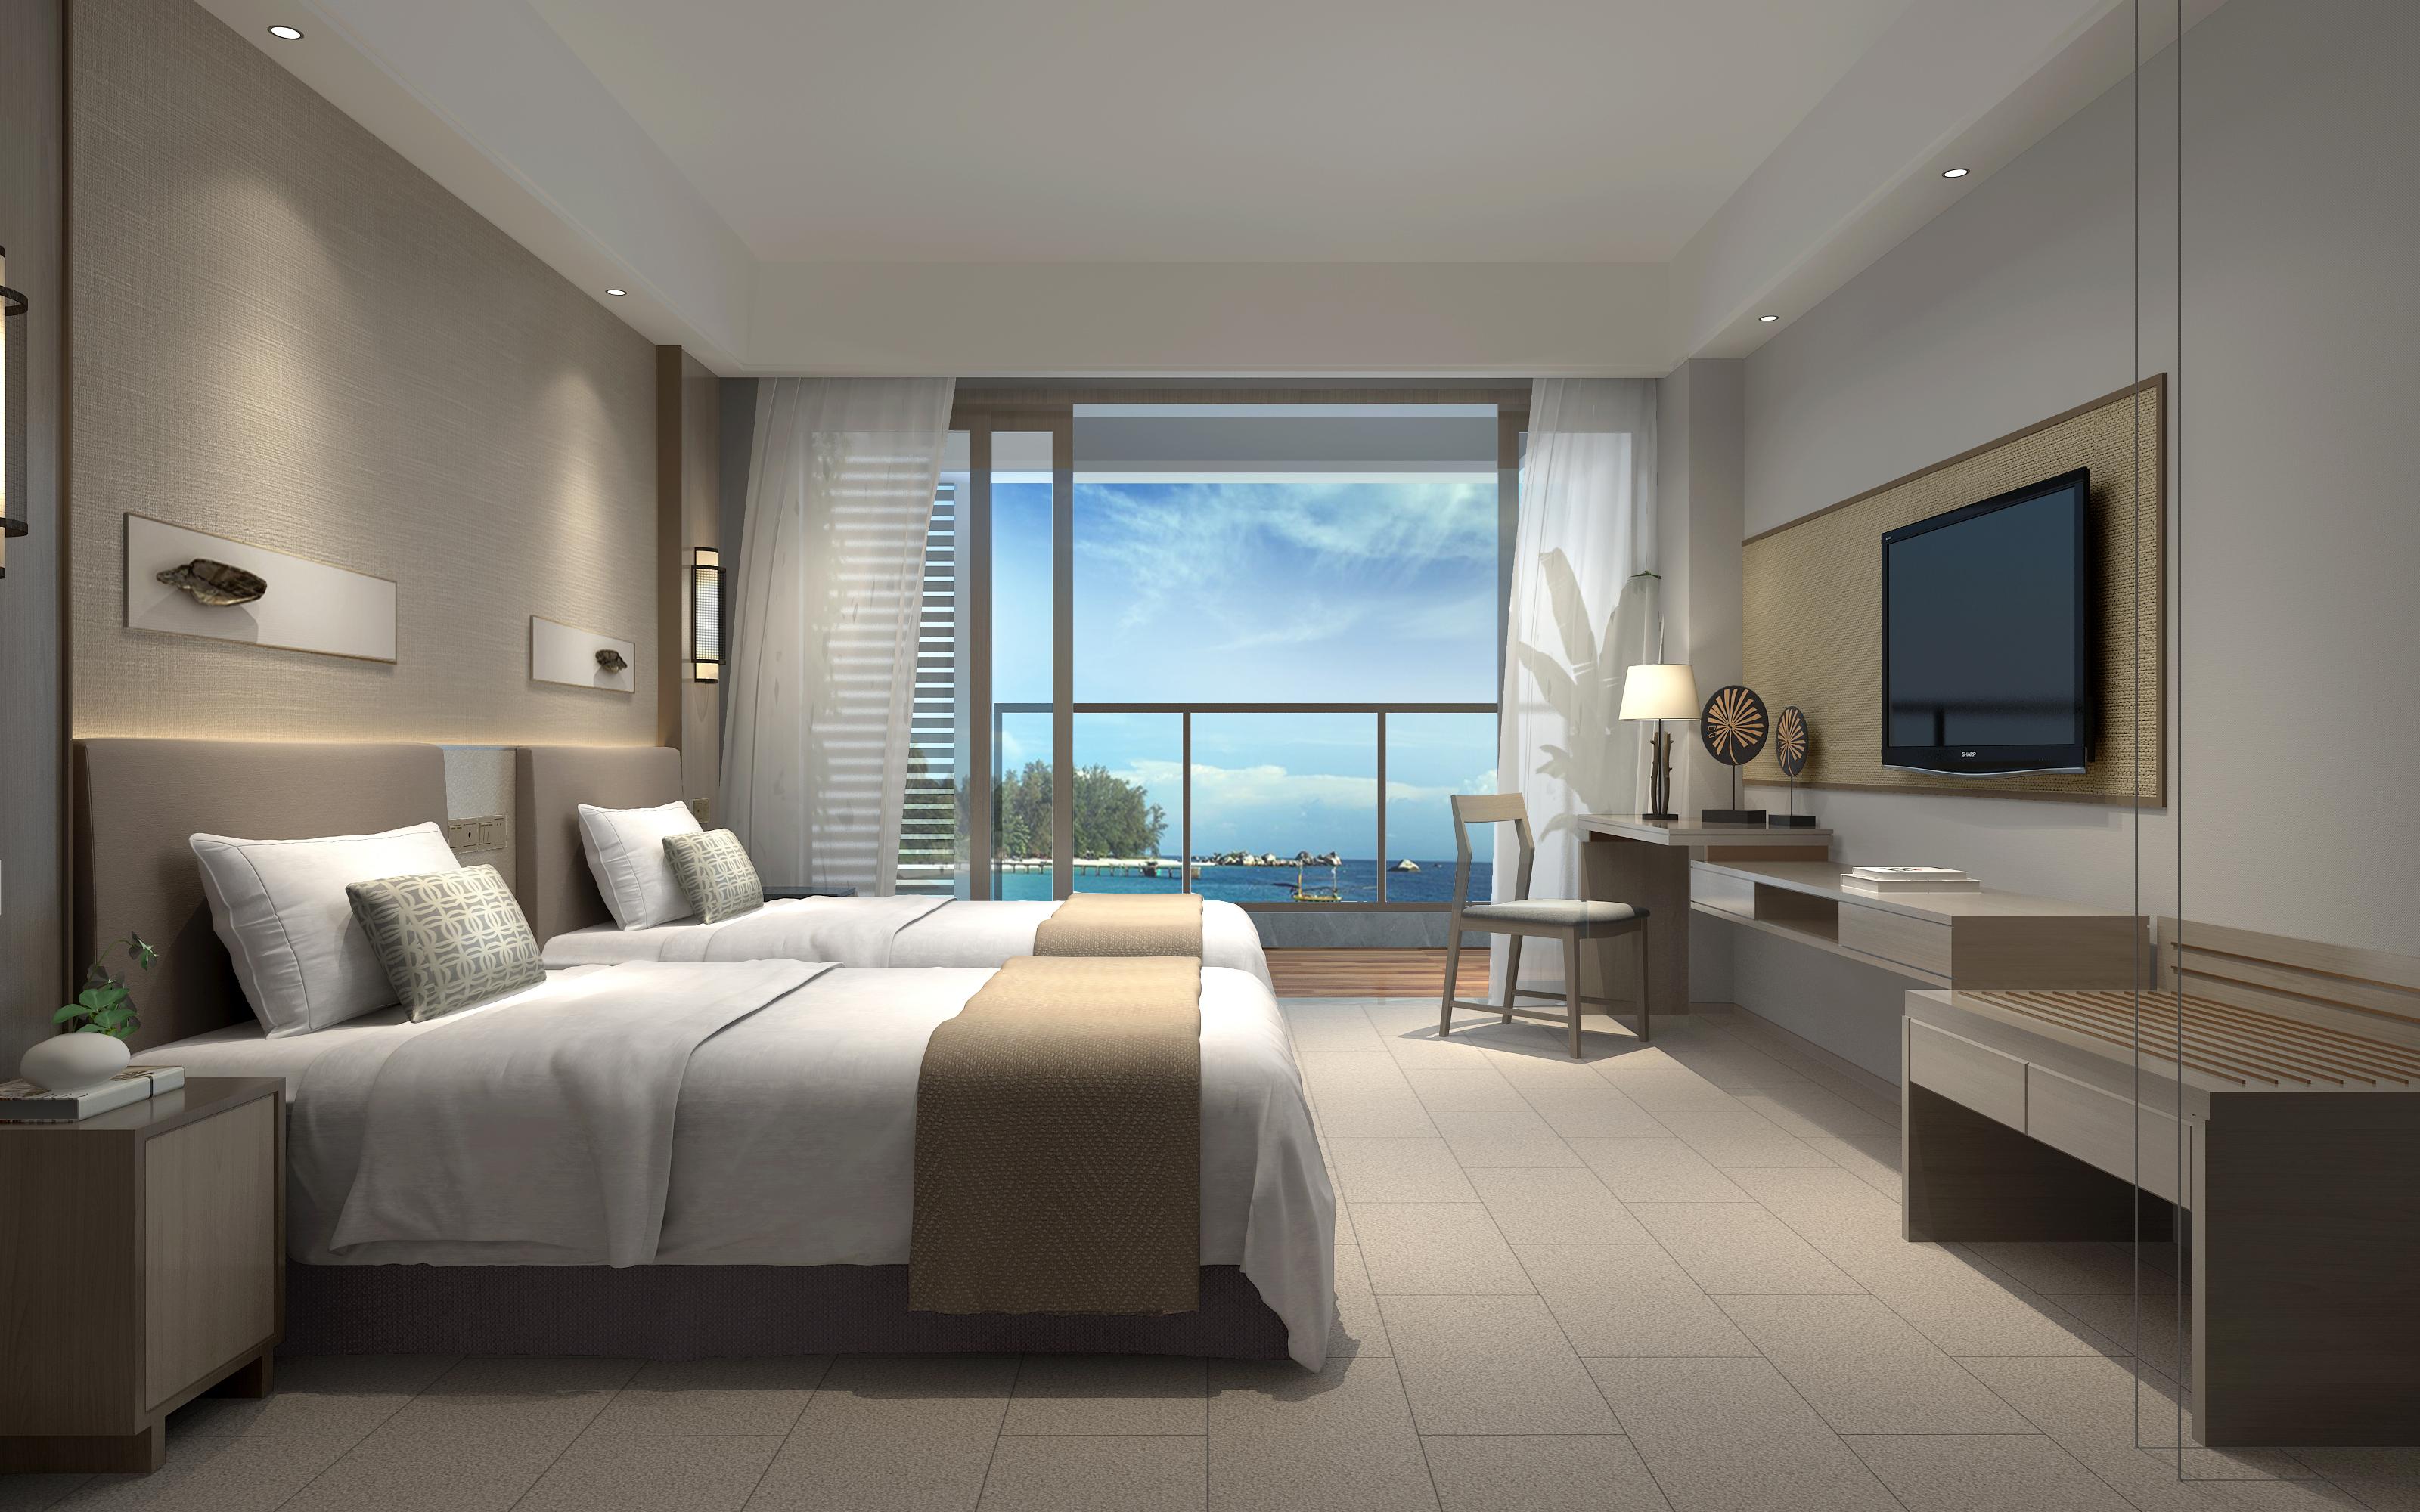 酒店空间设计民宿设计名宿设计宾馆设计主题酒店精品酒店设计效果